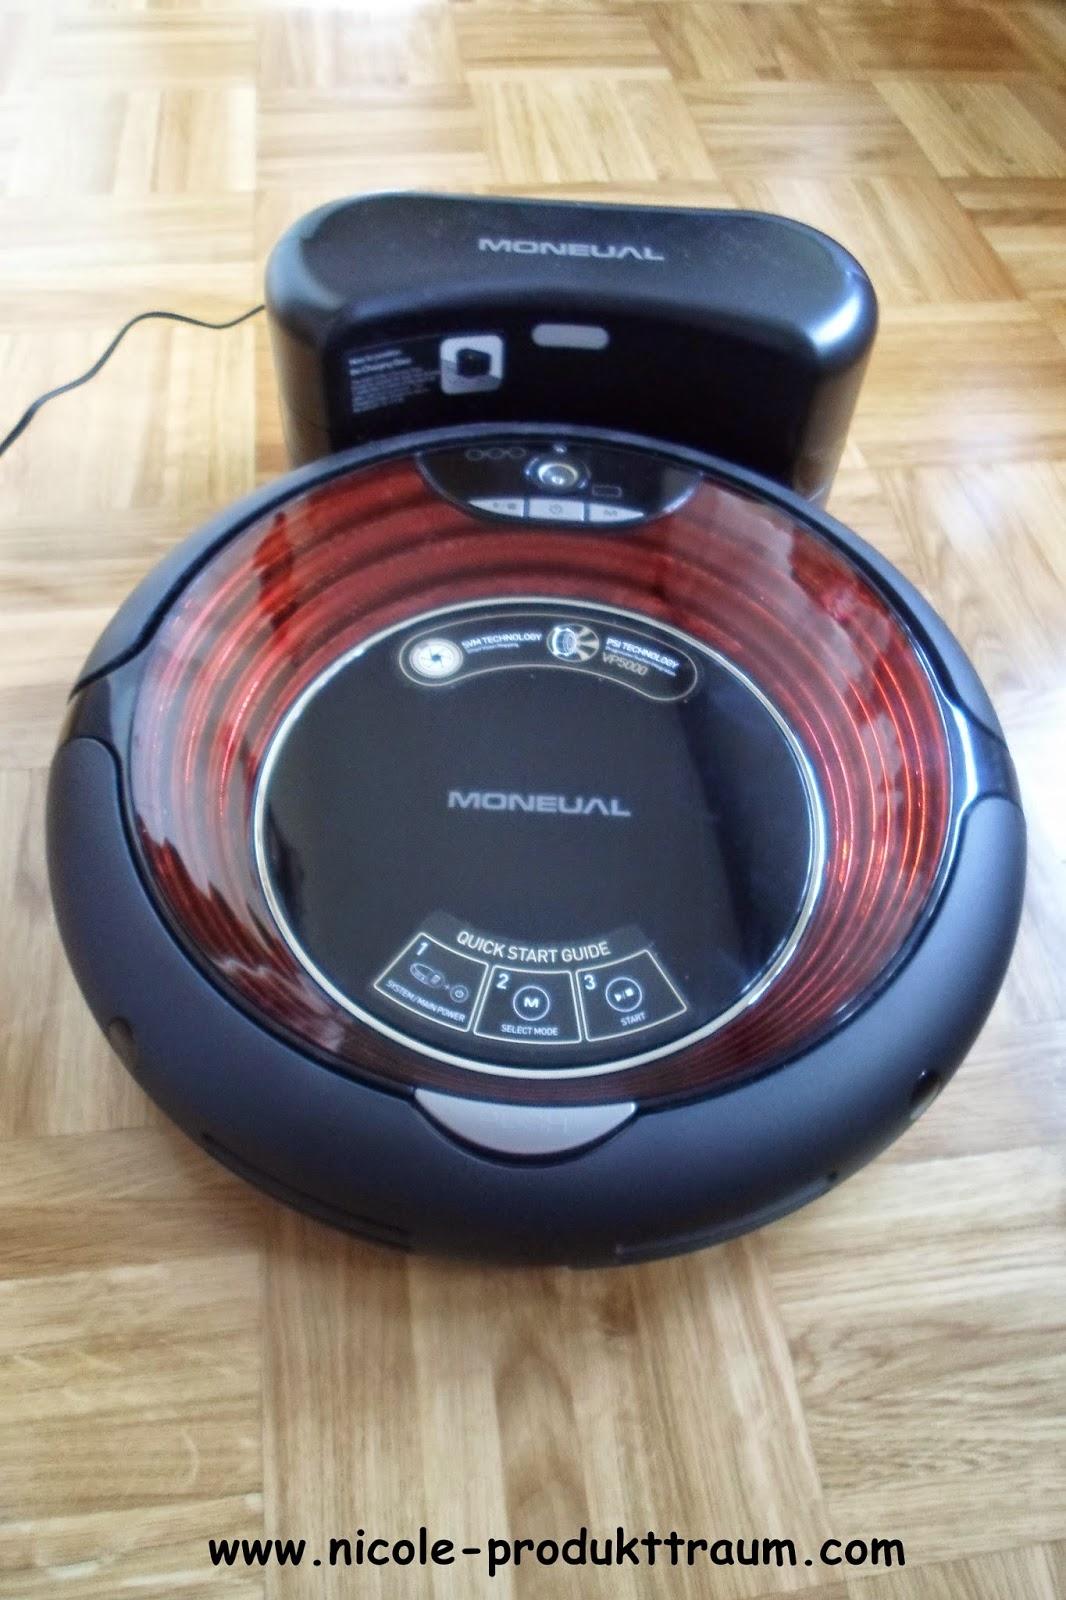 produkttraum moneual me770 saug und wischroboter von myrobotcenter. Black Bedroom Furniture Sets. Home Design Ideas